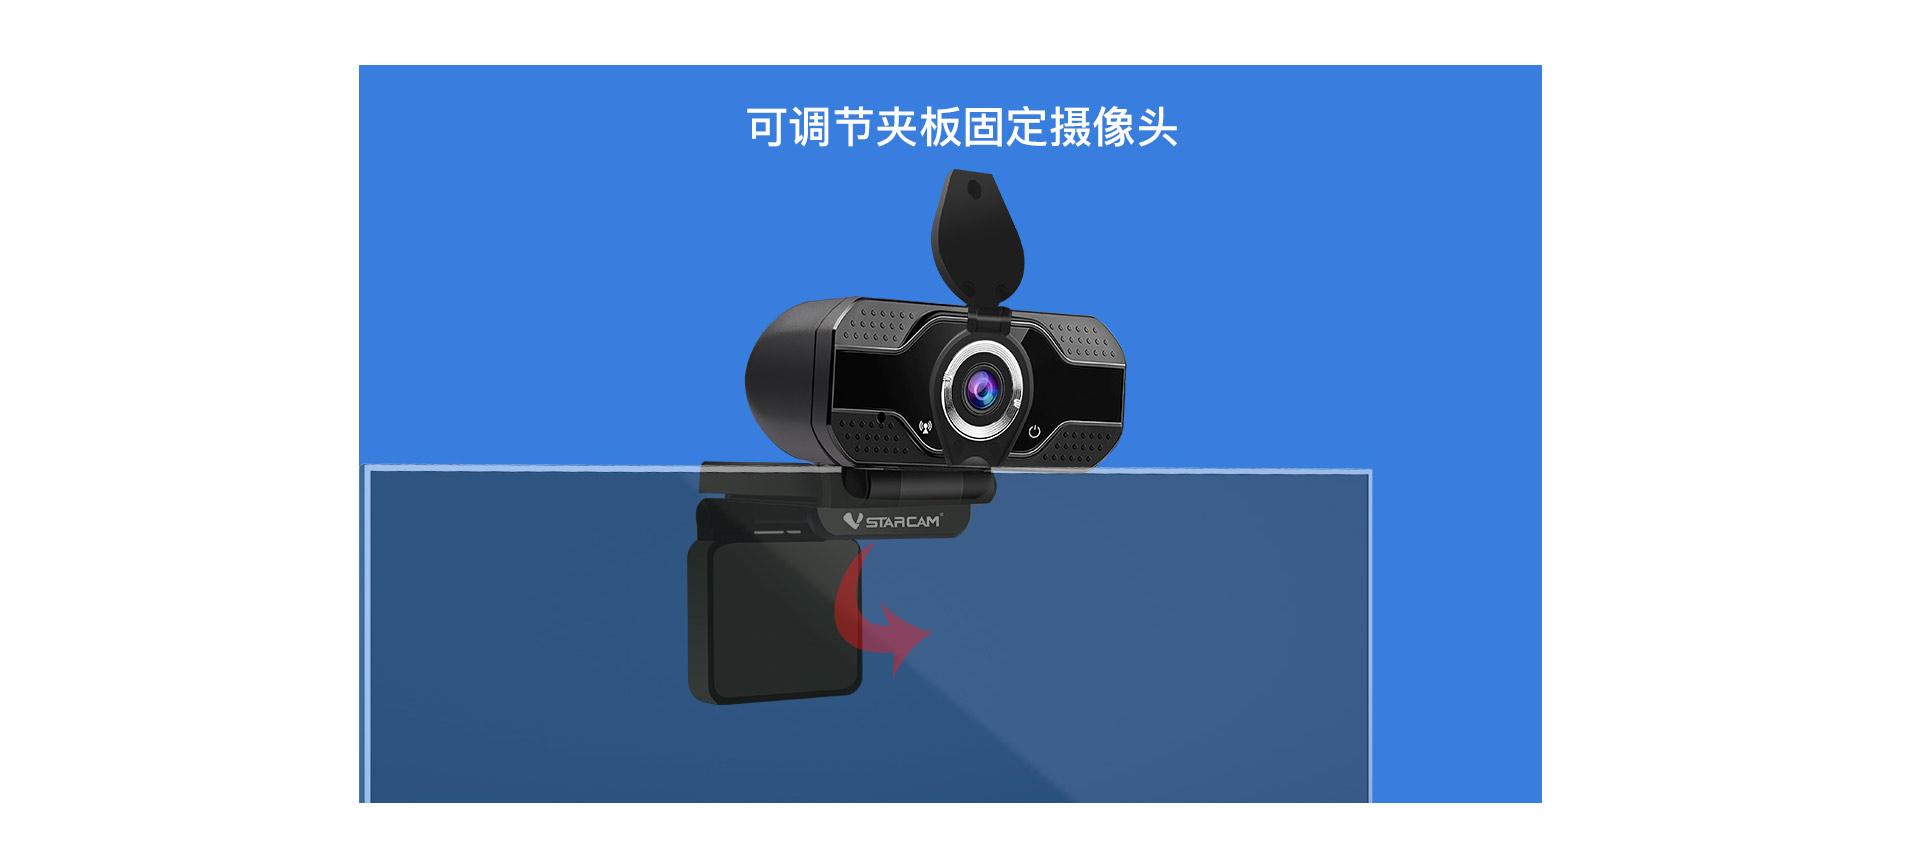 视频摄像头